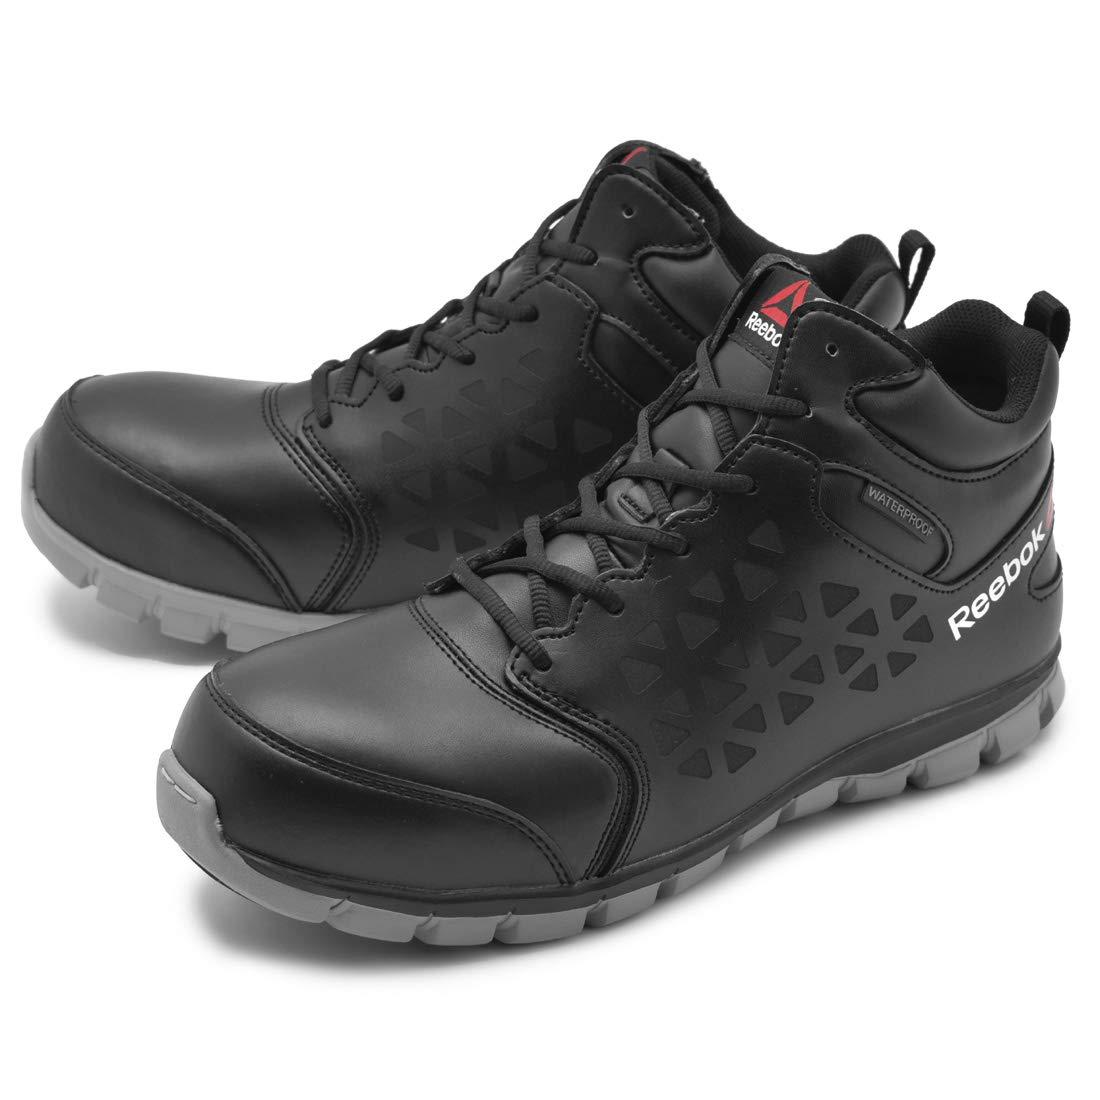 [リーボック] ワーク 安全靴 サブライト クッション ワーク アスレチック ウォータープルーフ ミッドカット RB4144 メンズ [並行輸入品]  B07MM5DMJL